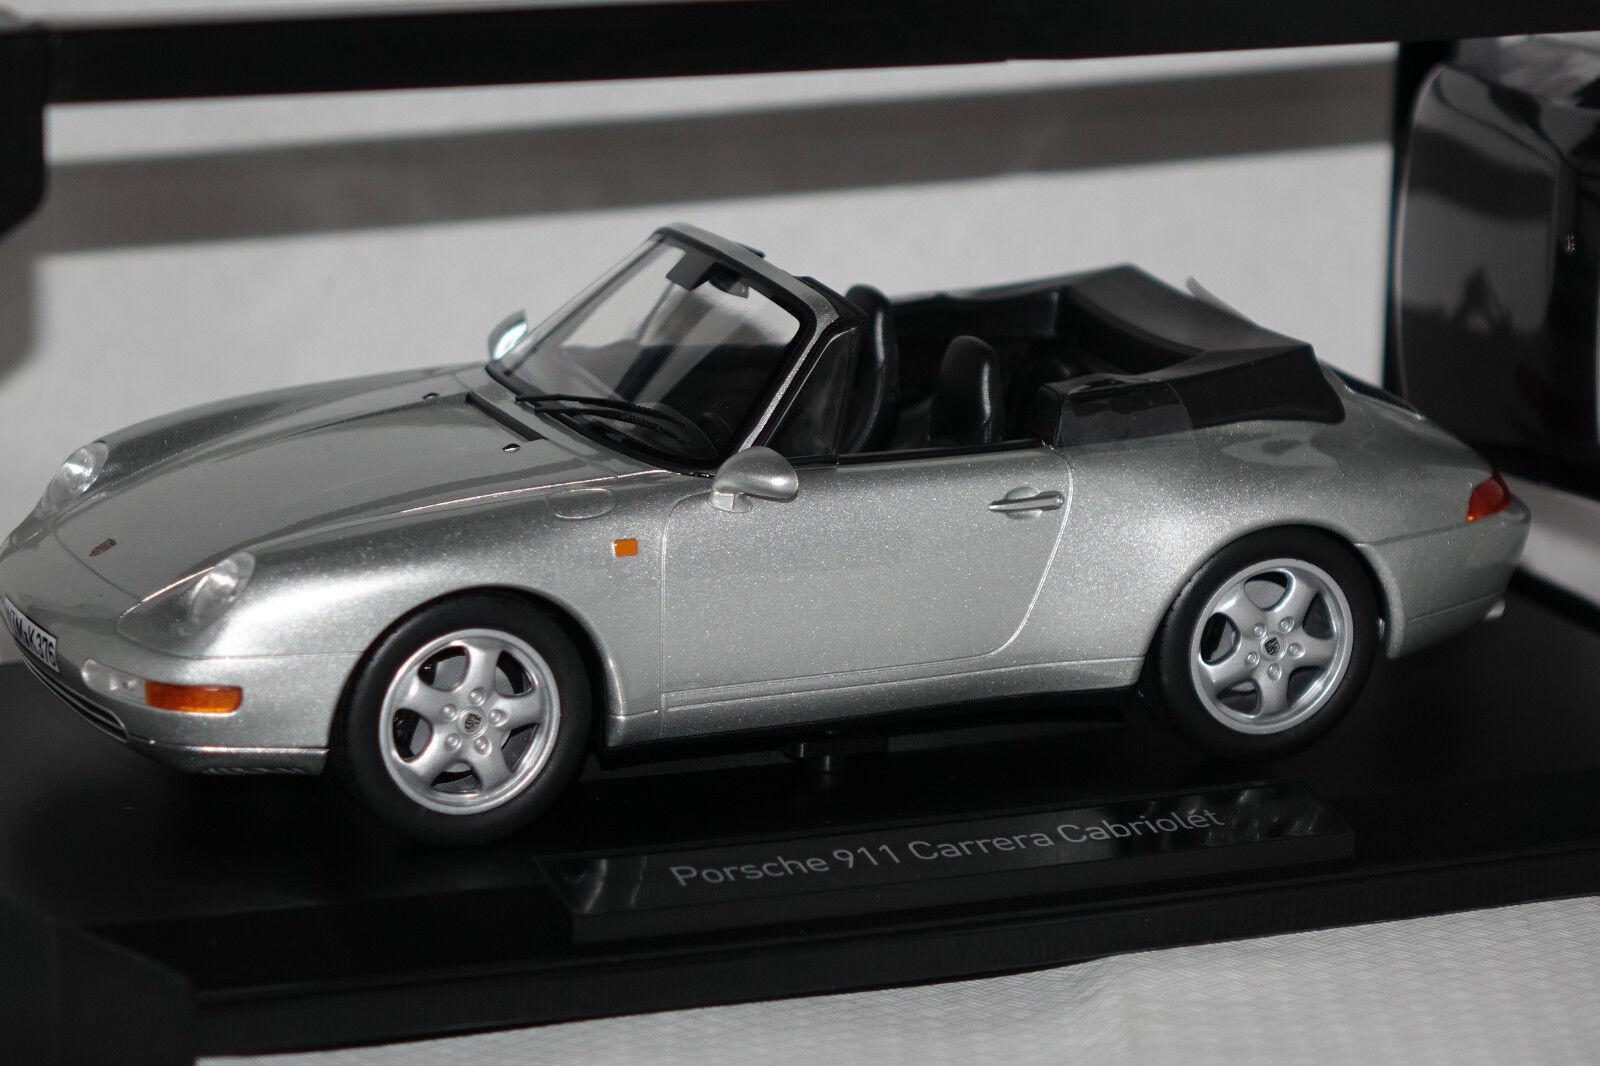 Porsche 911 (993) Cabriolet 1994 argent 1 18 NOREV NOUVEAU & OVP 187592